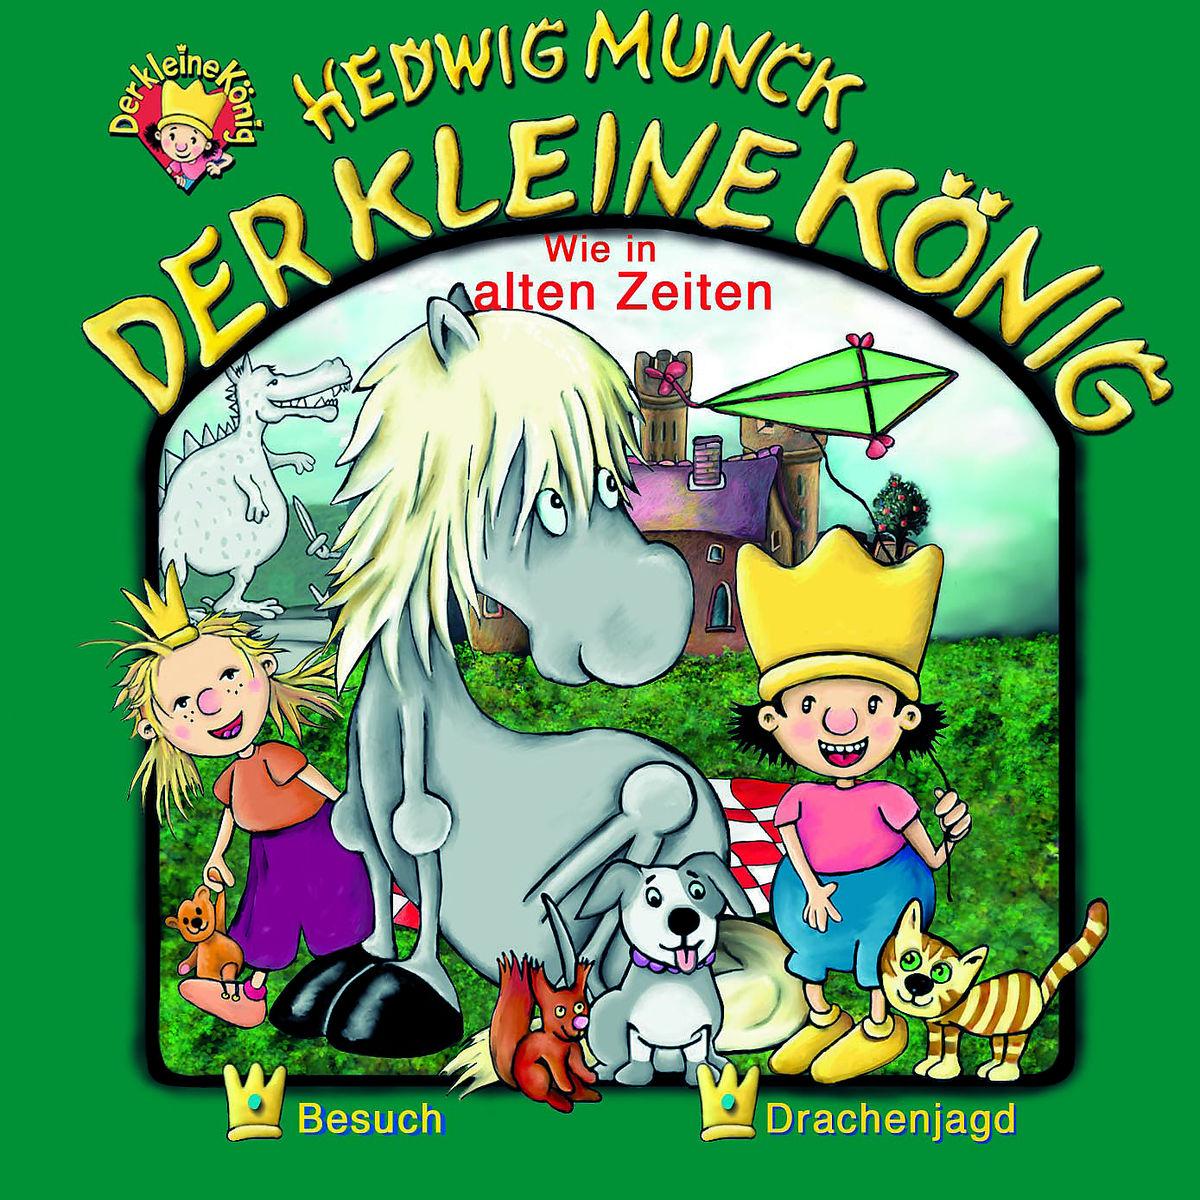 Der kleine König 08. Wie in alten Zeiten Hedwig Munck